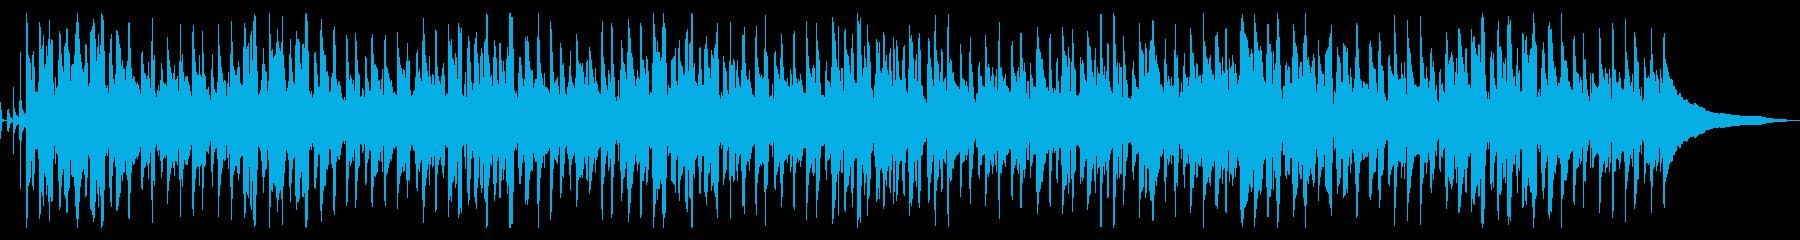 Heartwarming recorder pop's reproduced waveform